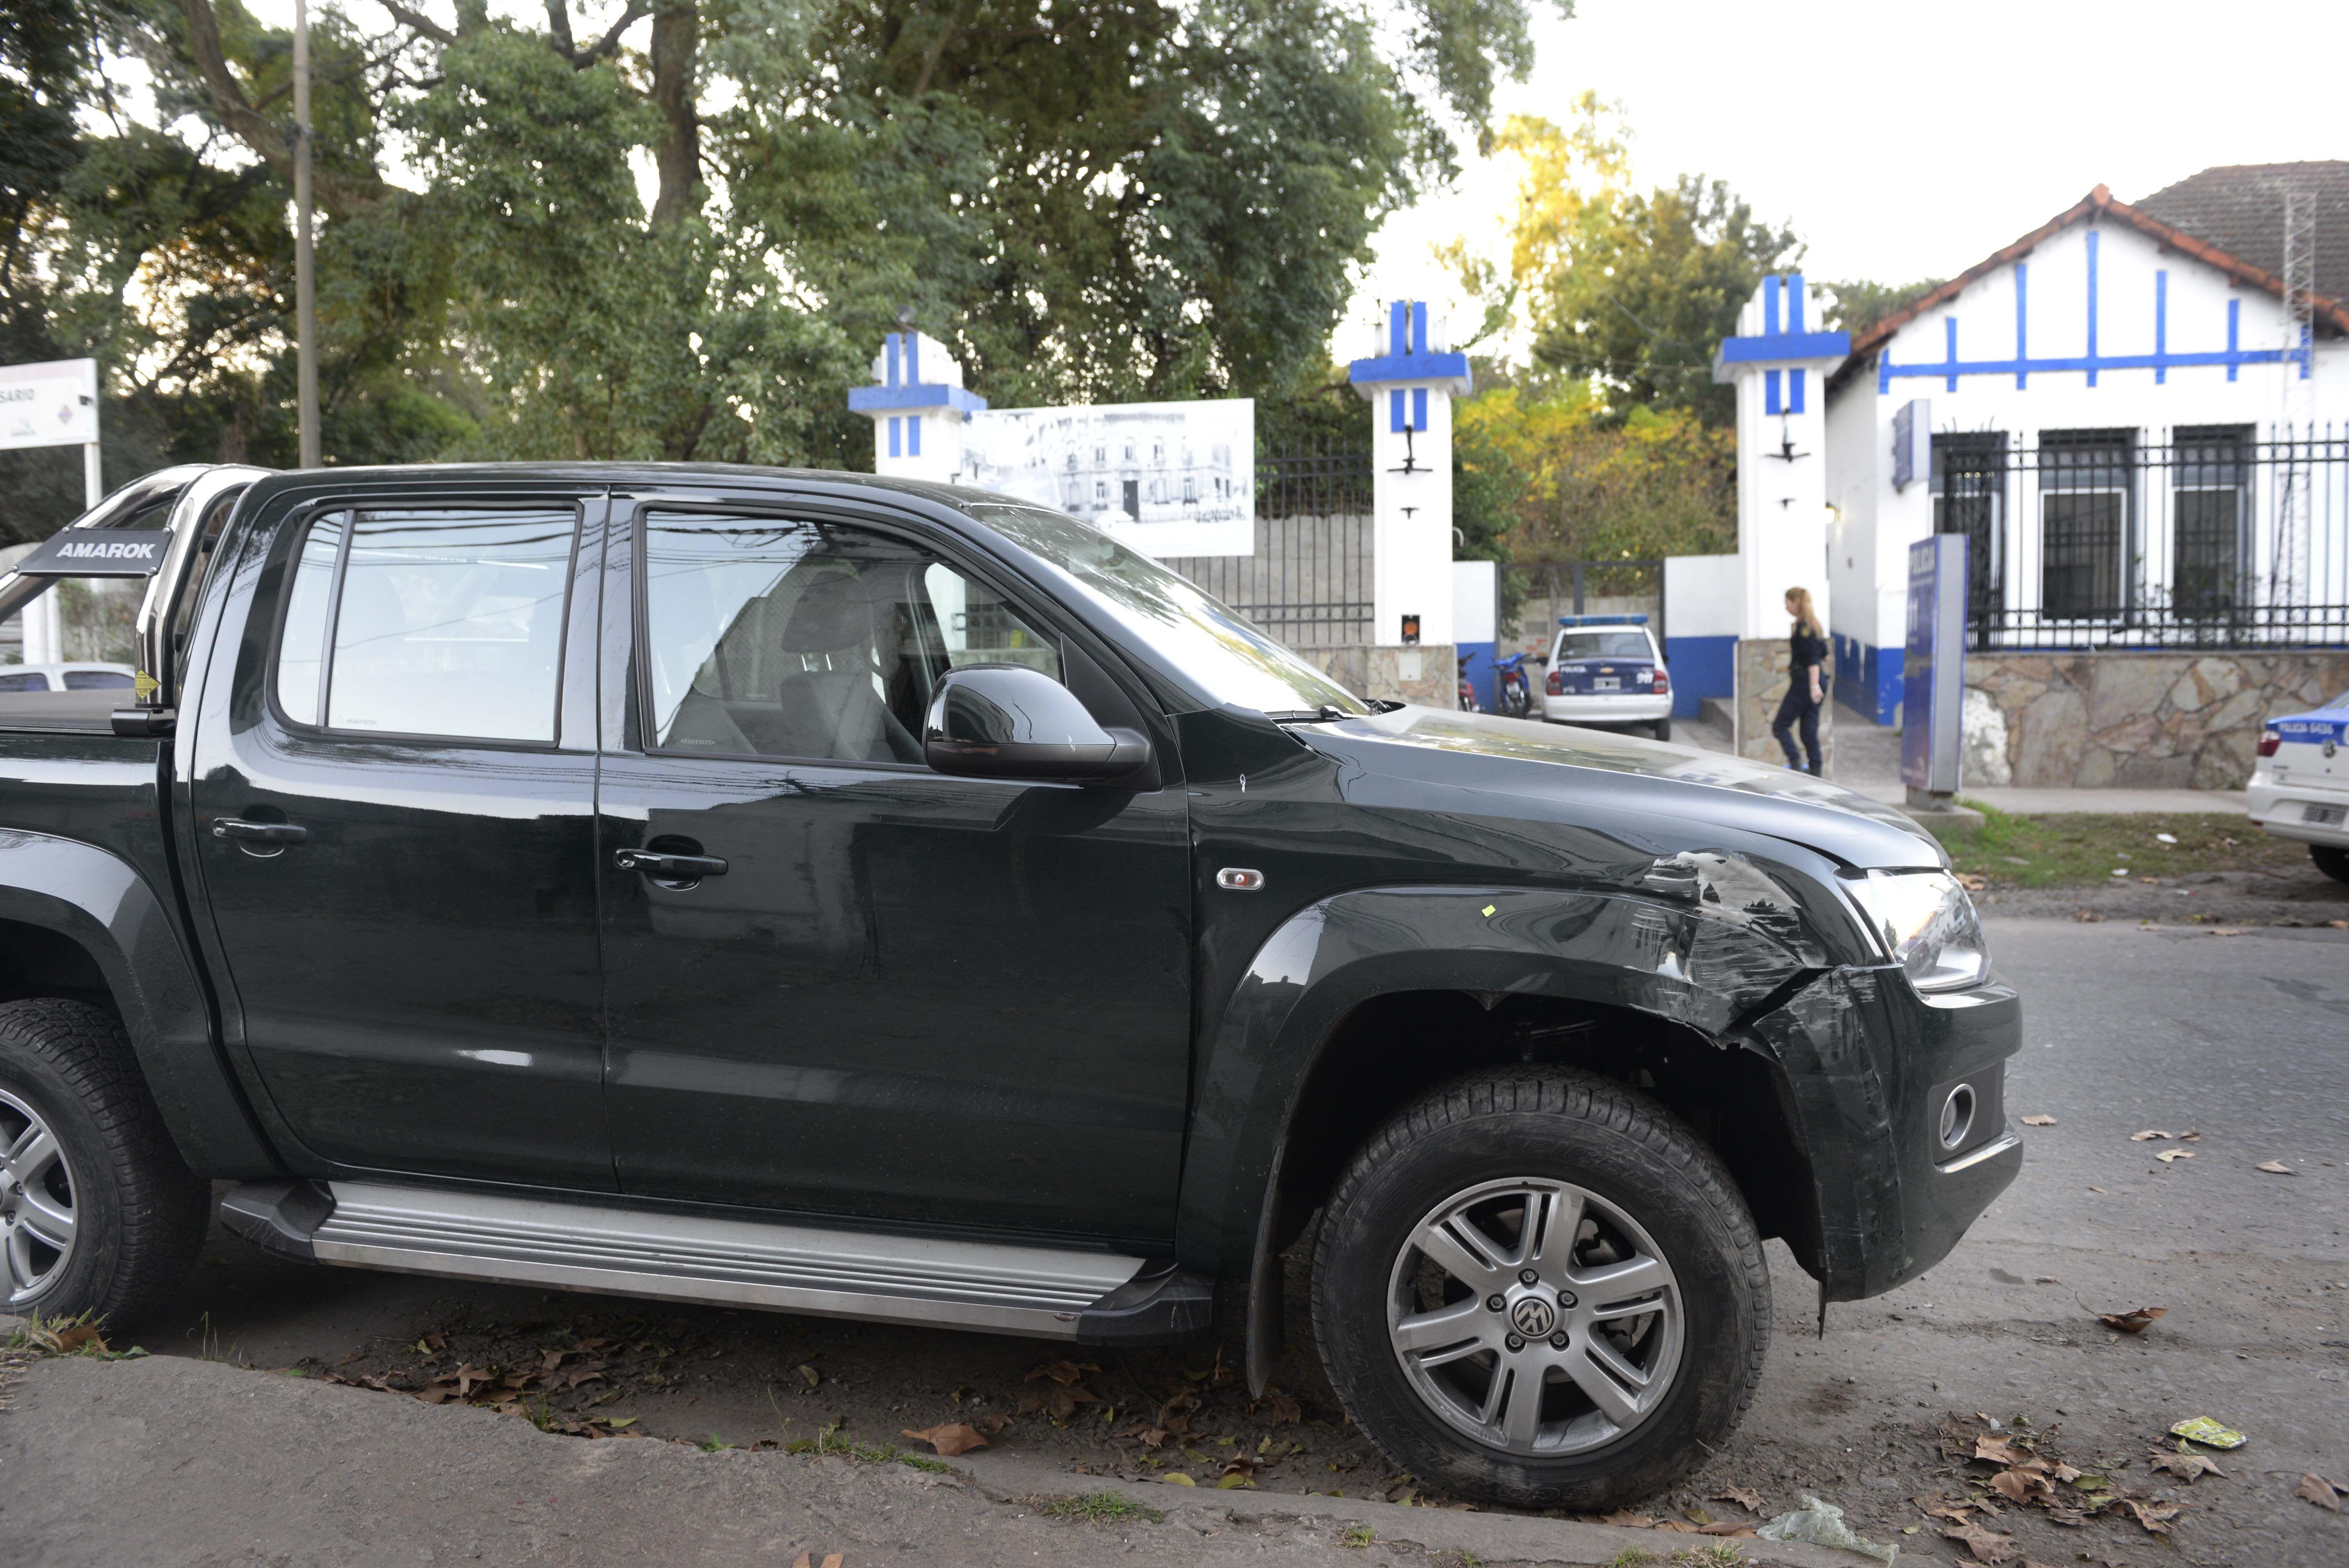 abollada. La camioneta Volkswagen Amarok fue recuperada tras el choque.